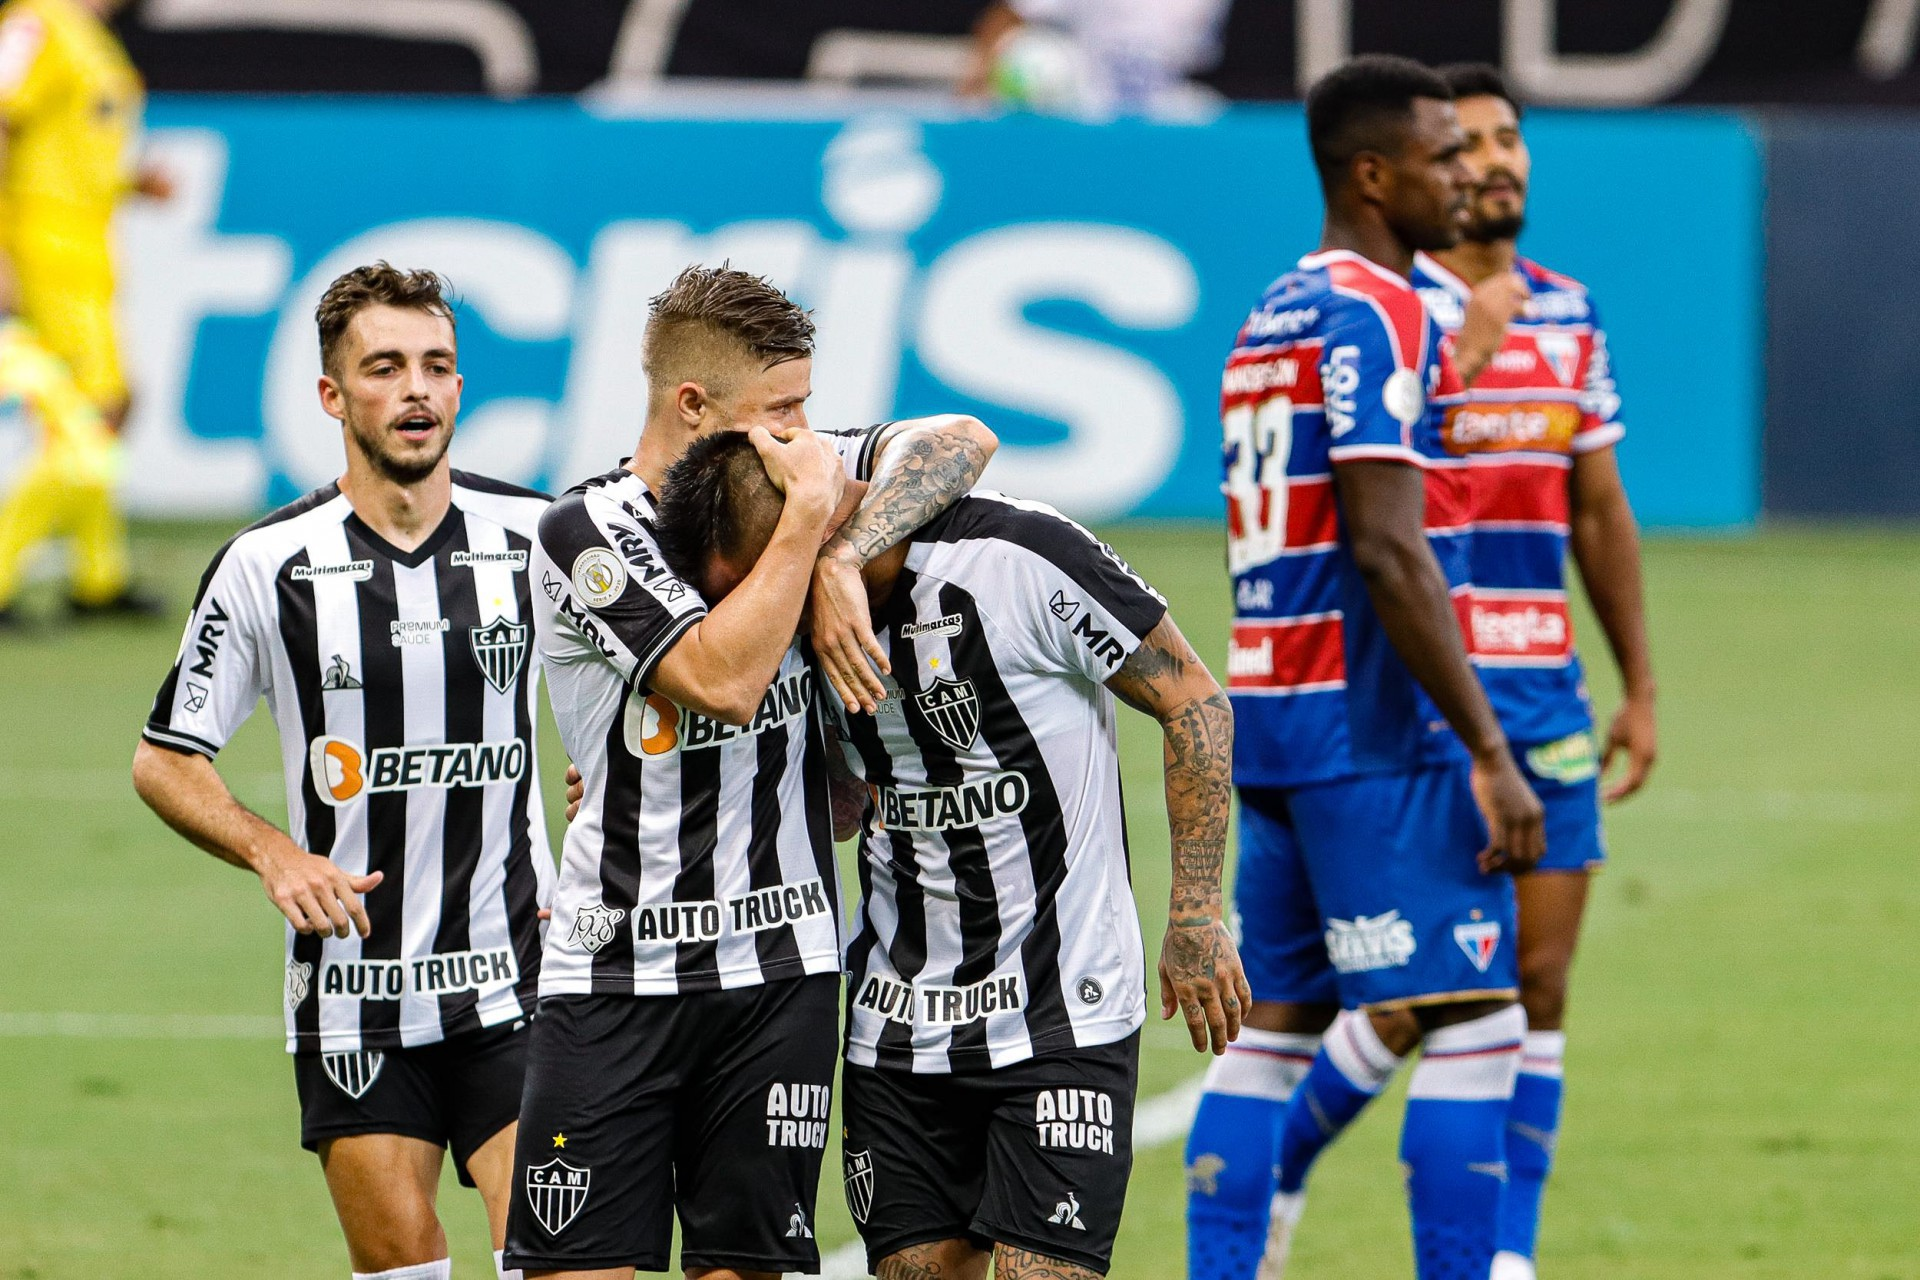 NO MINEIRÃO, o Atlético-MG fez 2 a 0 no Fortaleza